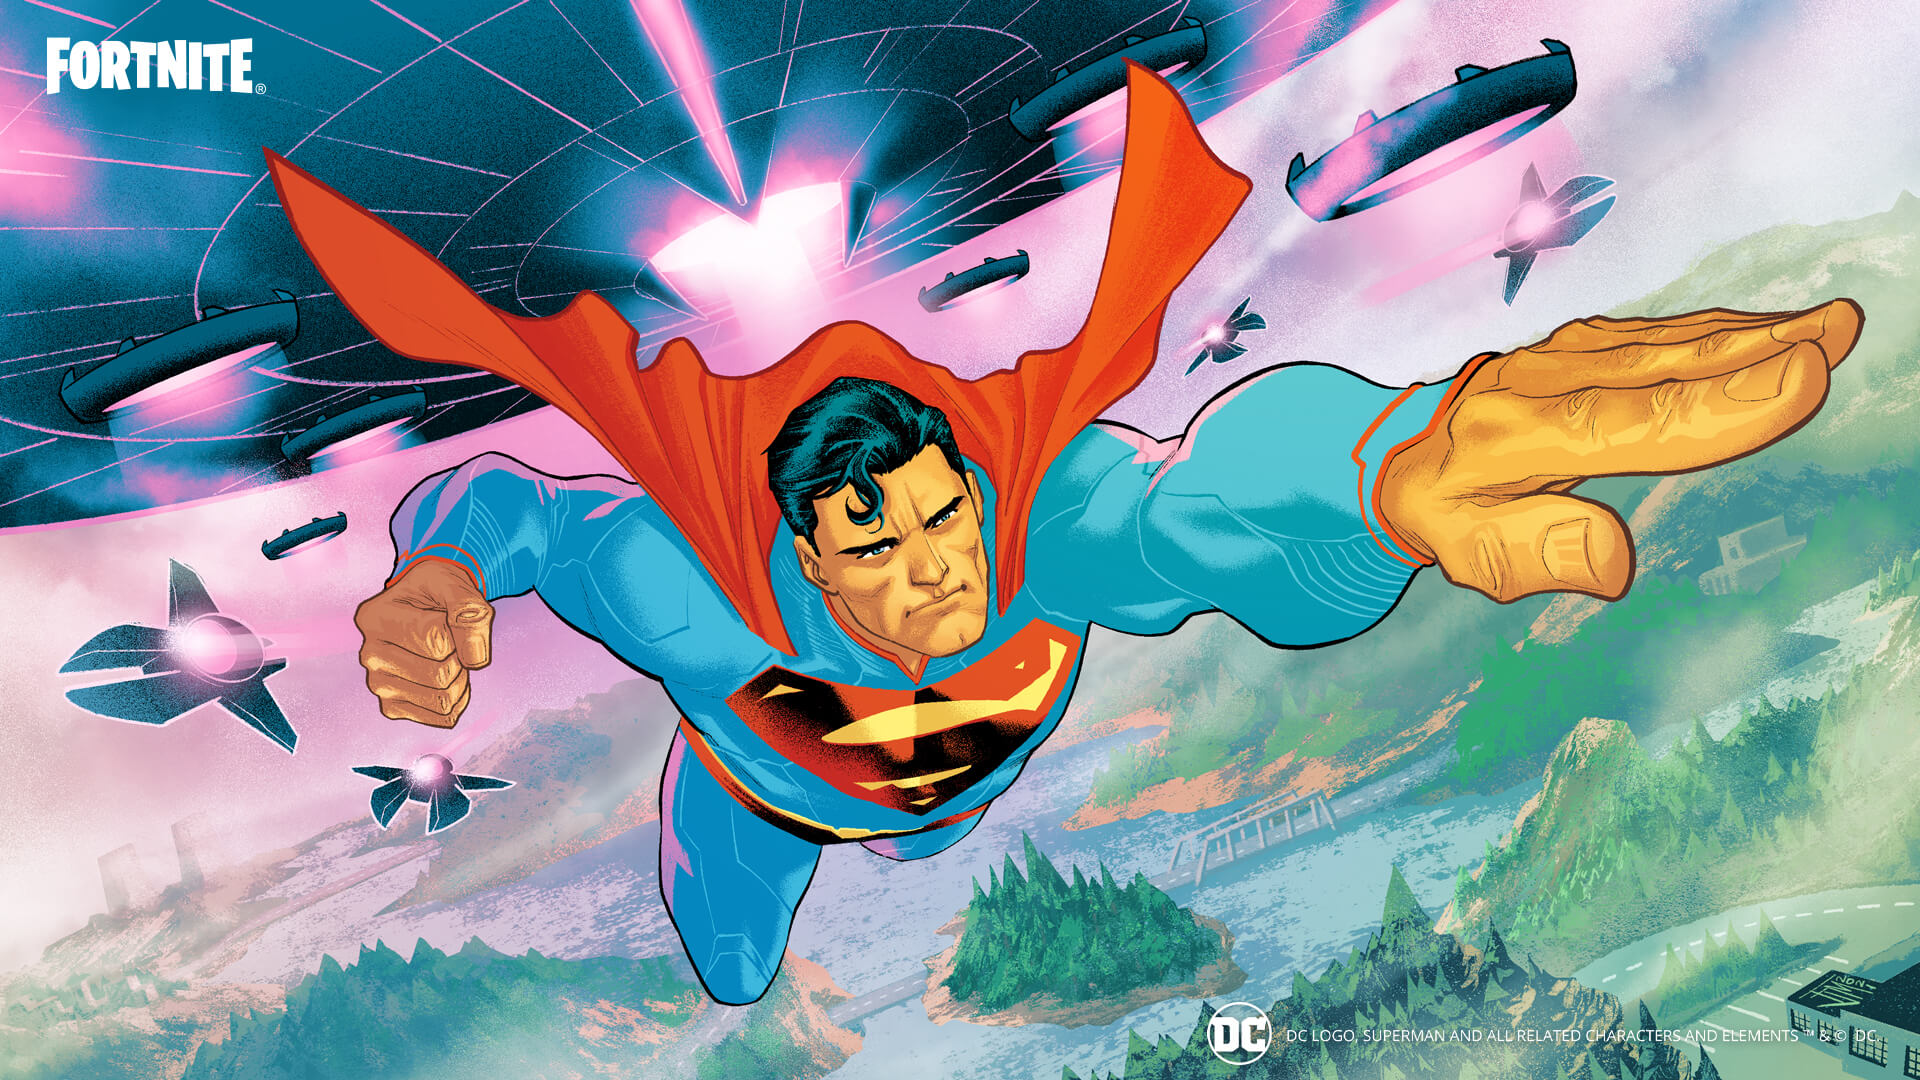 Fortnite The Last Son of Krypton Loading Screen